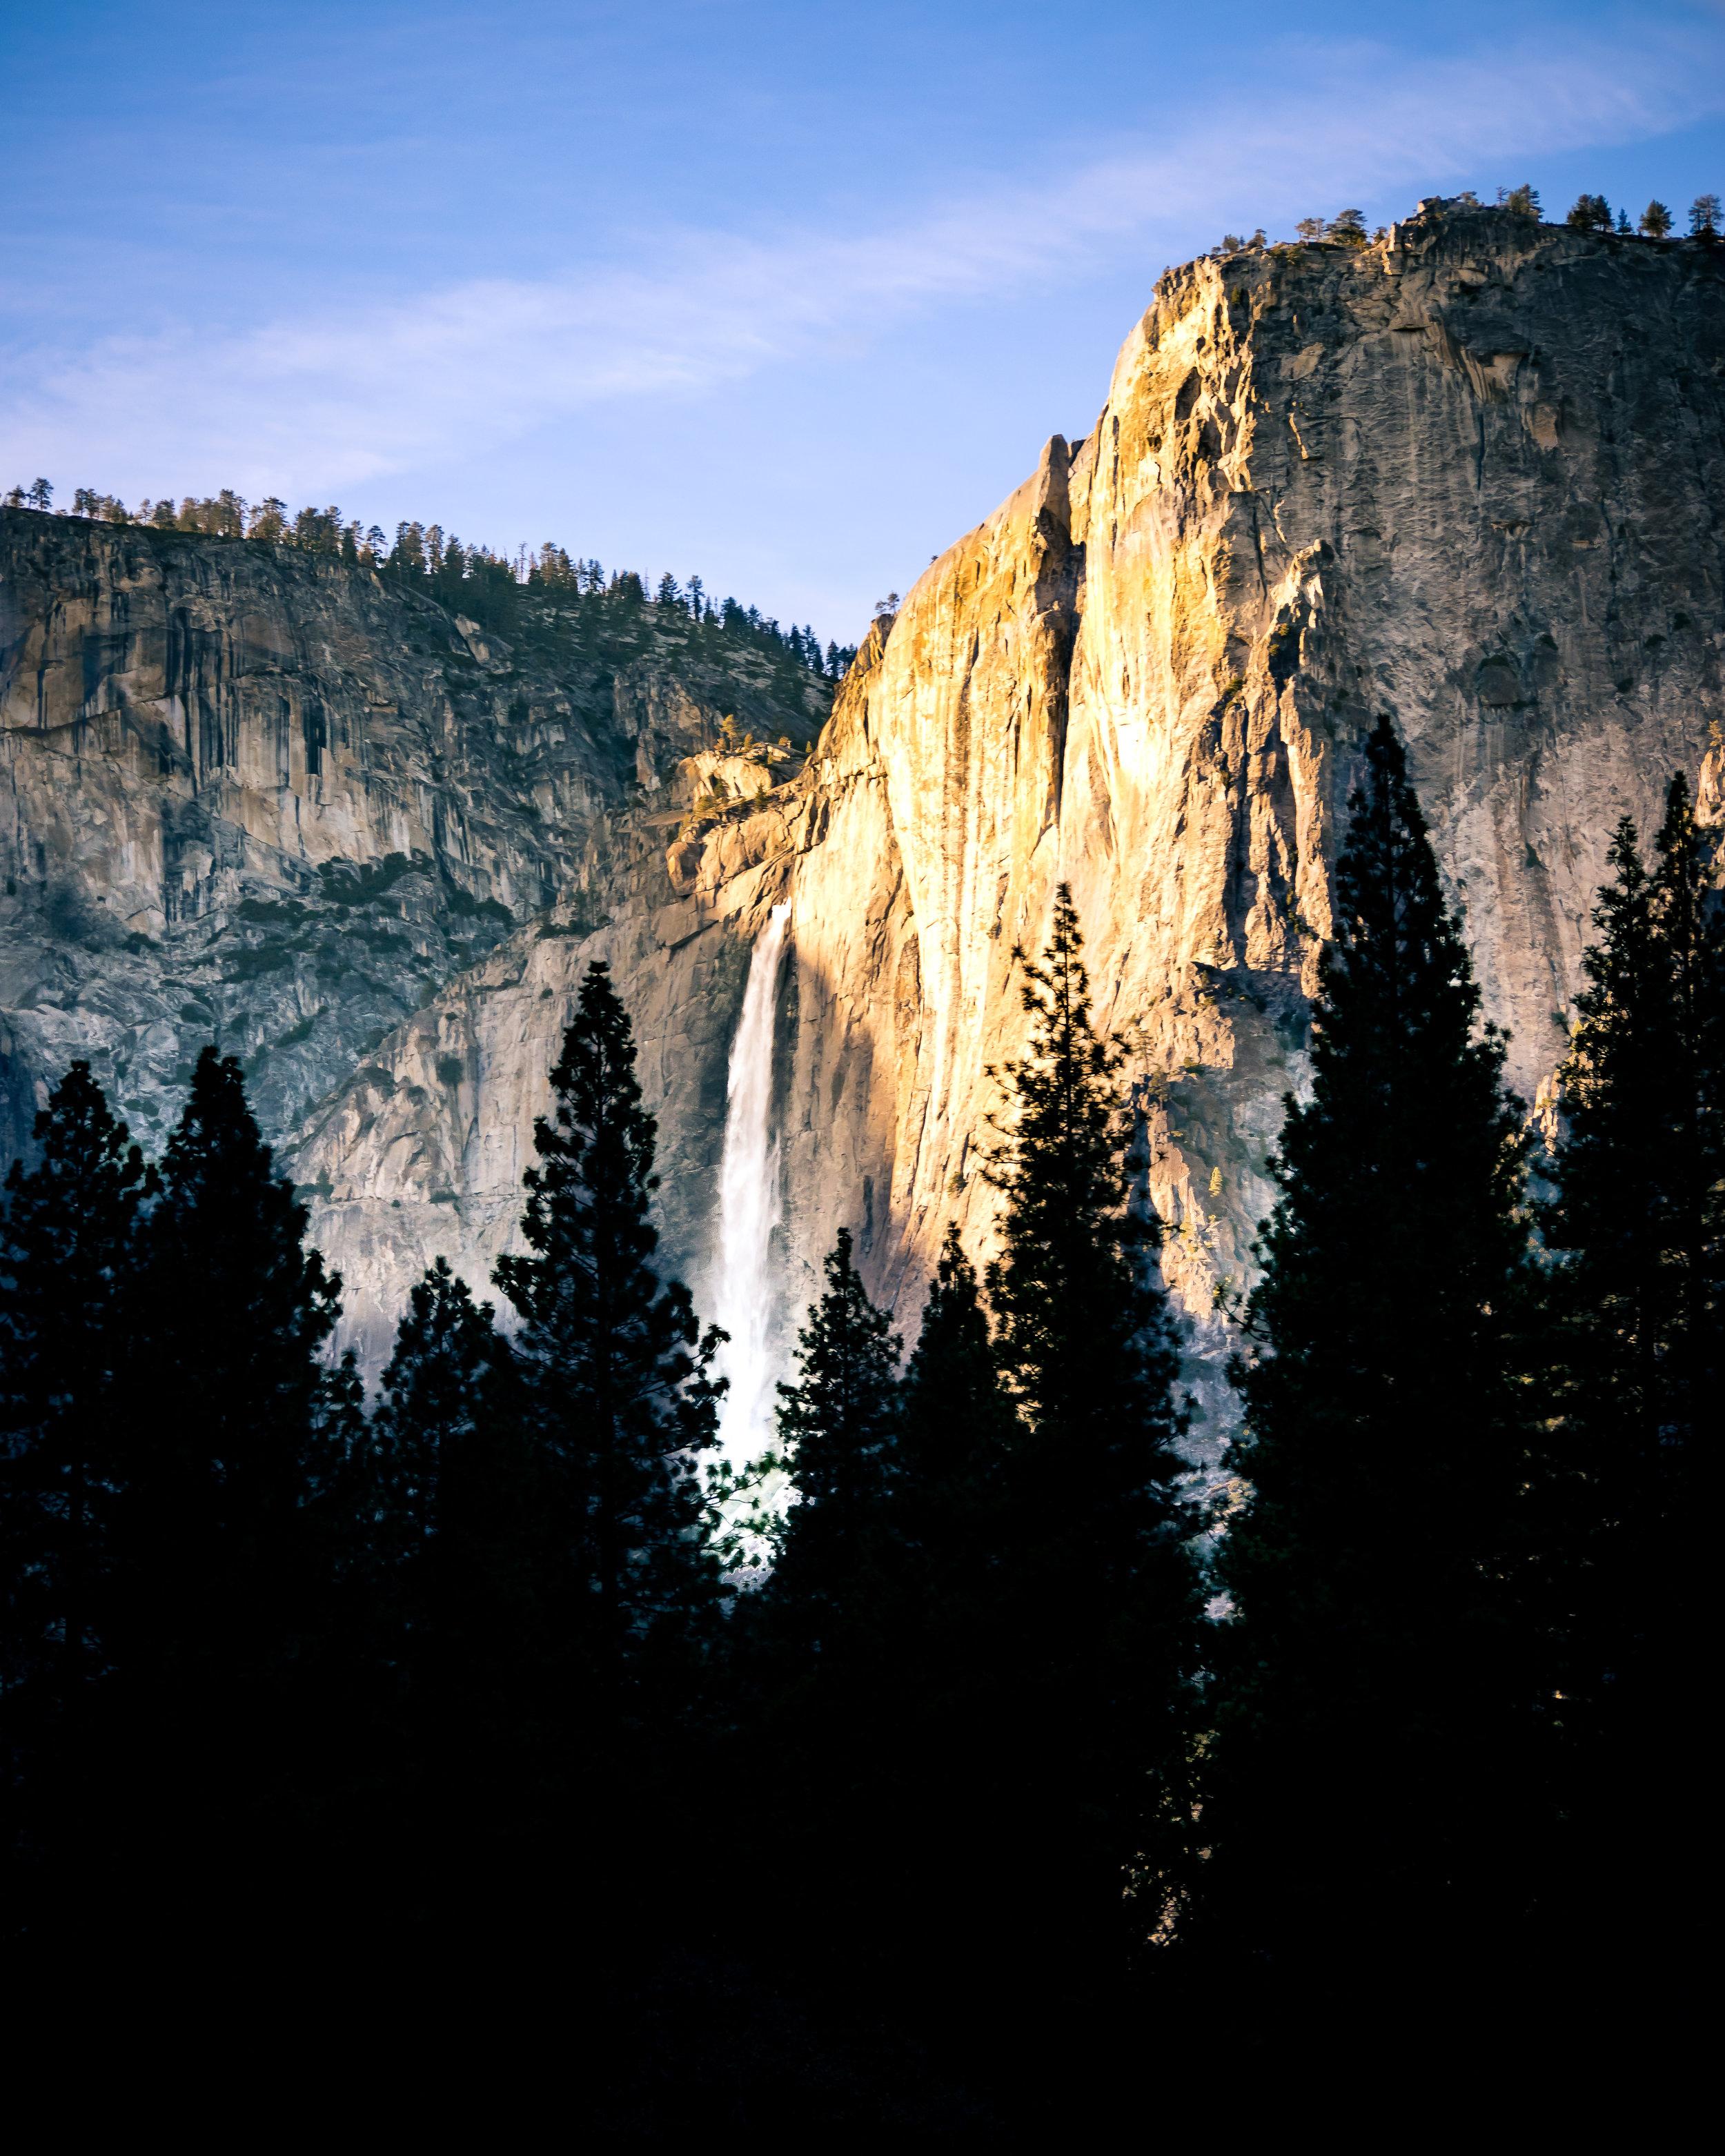 2017_12_10_Yosemite_00368.jpg